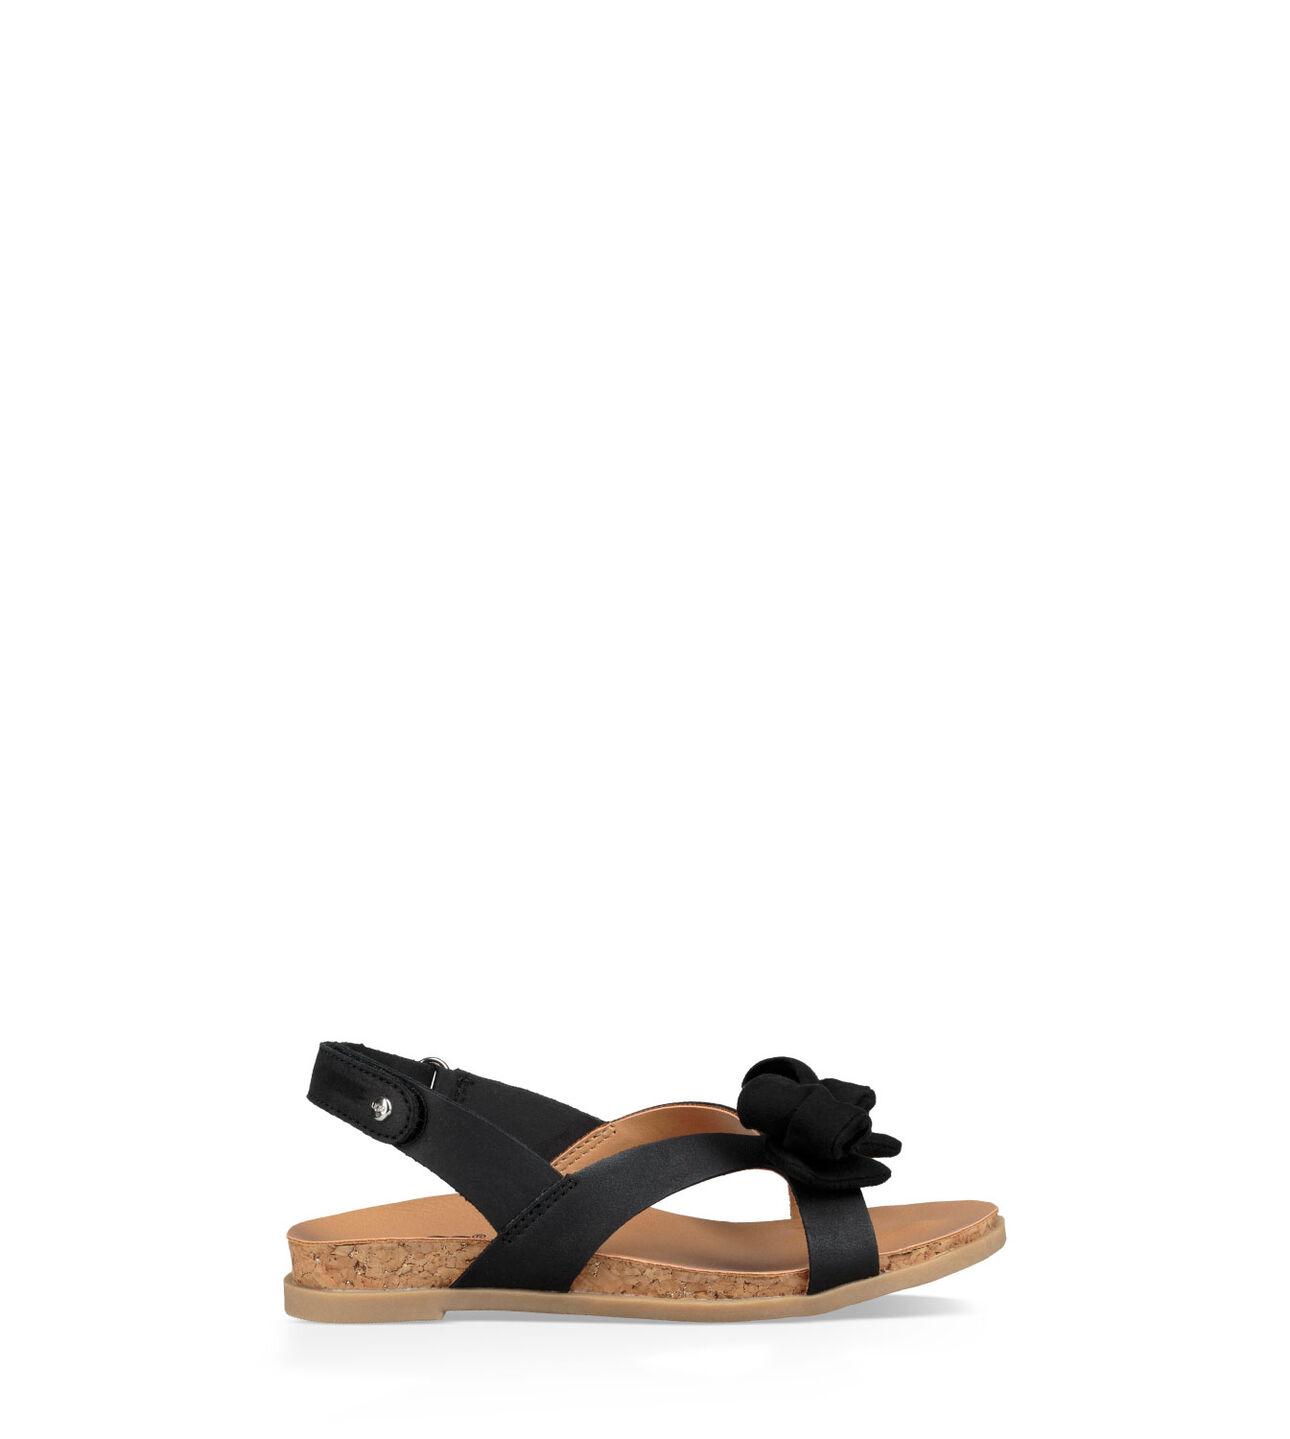 0158c1861 Toddler Girls  Shoes